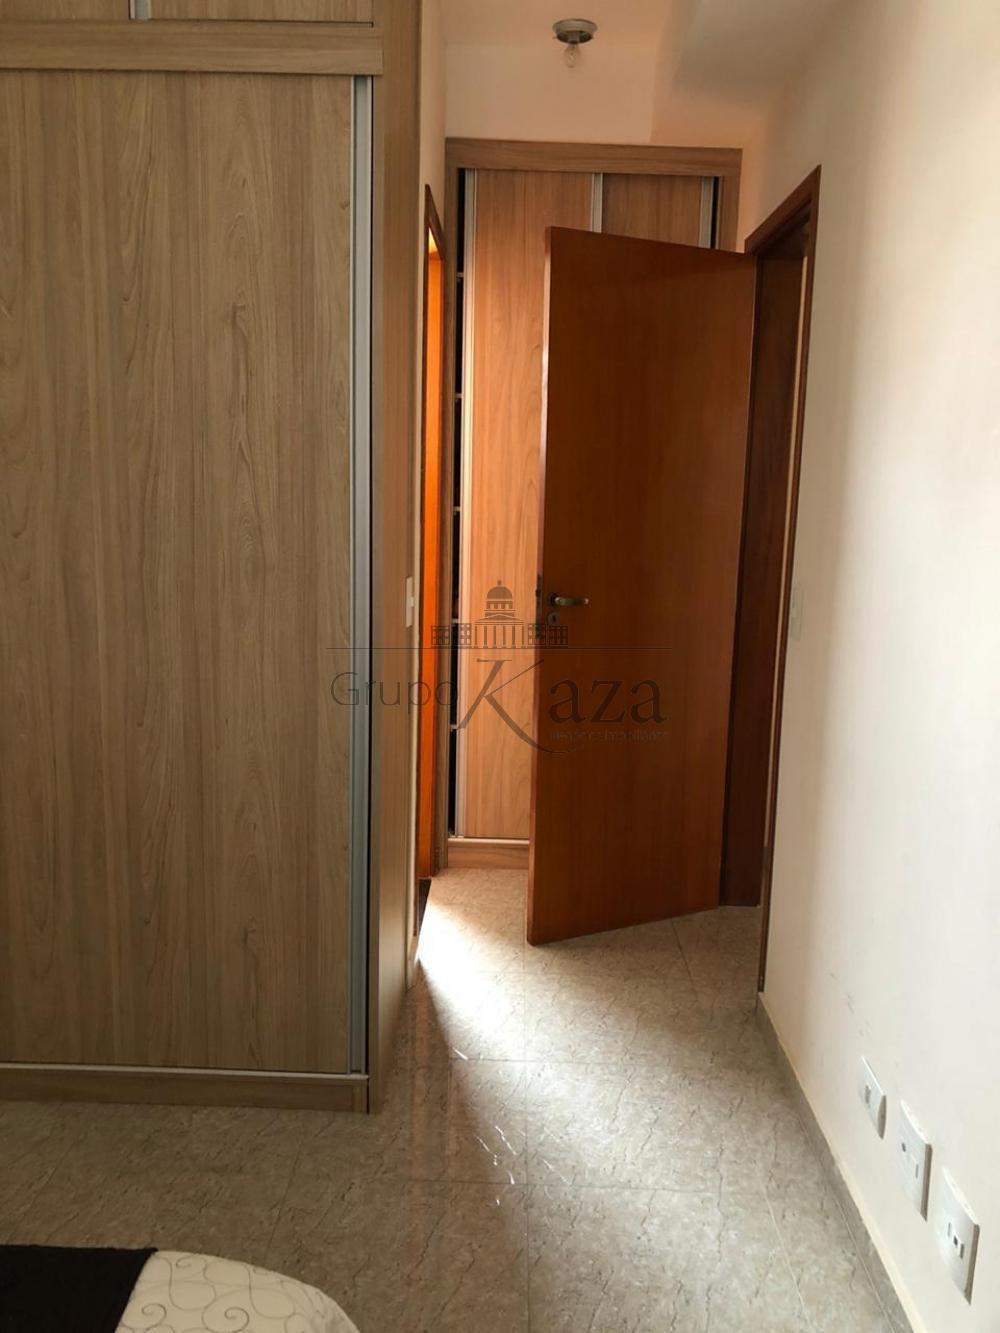 Comprar Apartamento / Cobertura Duplex em São José dos Campos apenas R$ 742.000,00 - Foto 11